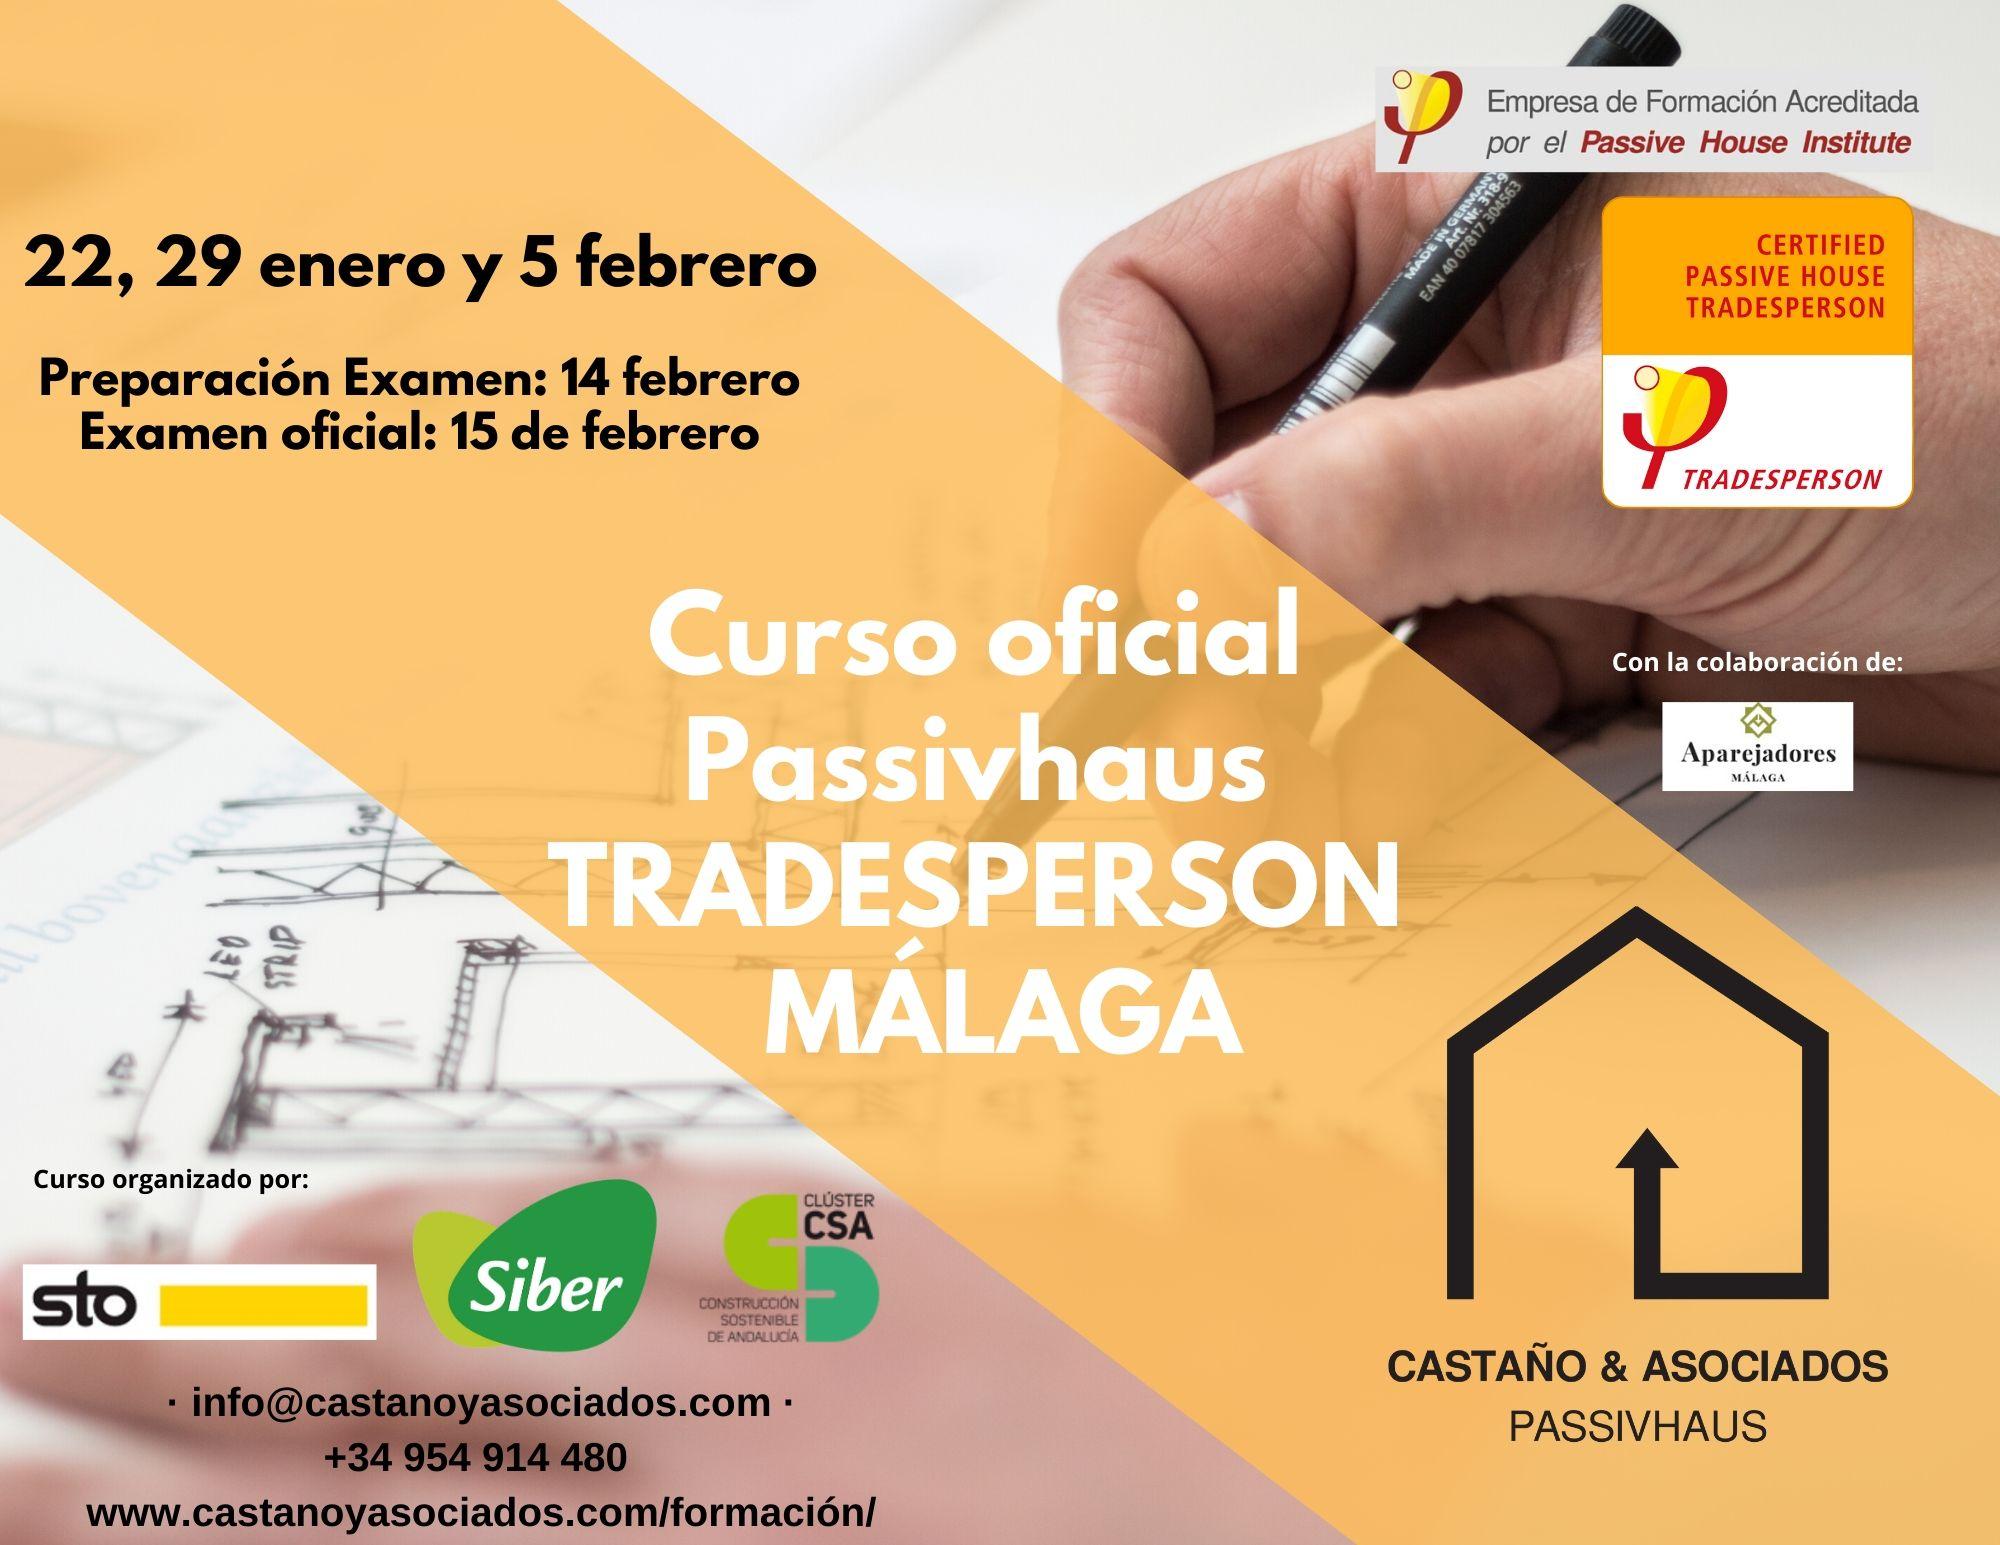 Curso Passivhaus Tradesperson C&A Fechas